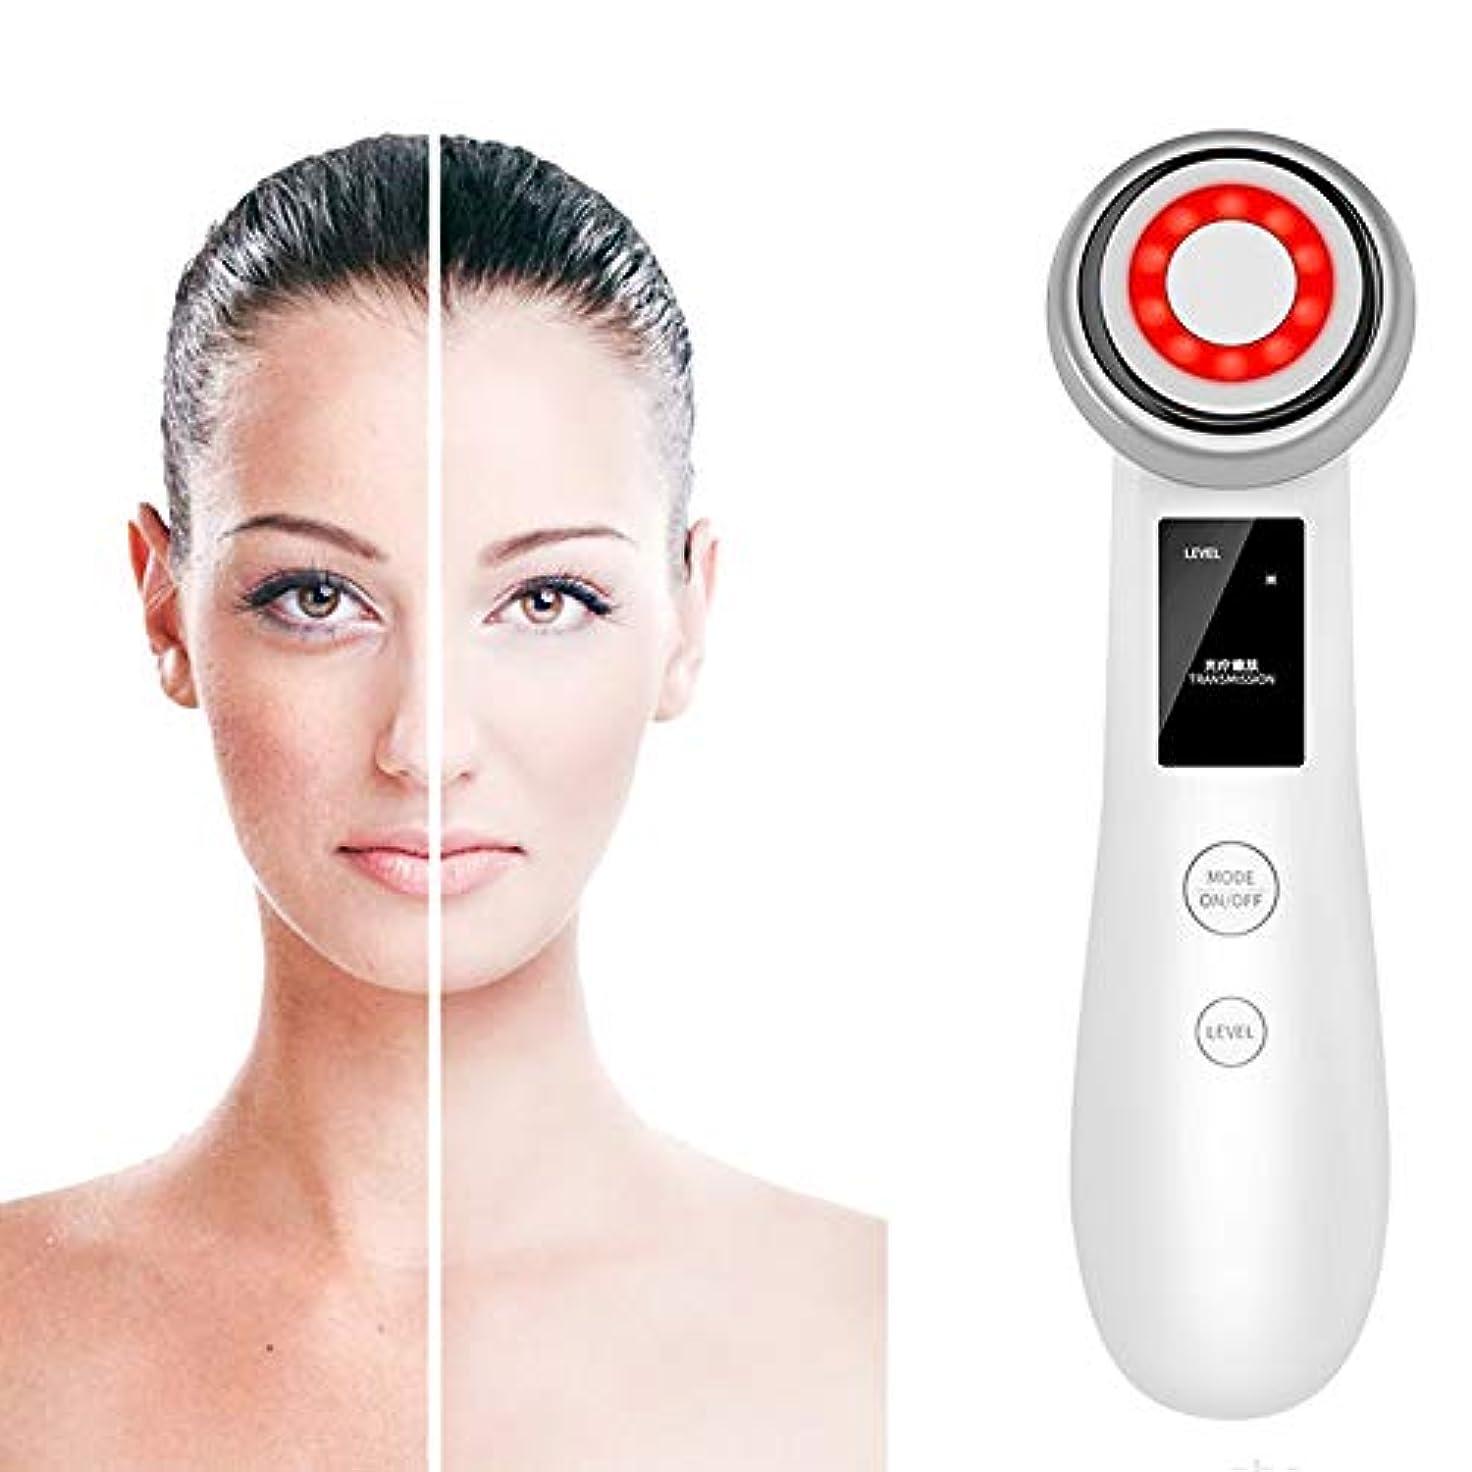 プラス遺棄された塗抹皮膚は顔のリフティング用LEDレッドライト、スキンファーミング、皮膚の調色、ディープクレンジング、注入、マッサージでリラックスして美容機器を締め